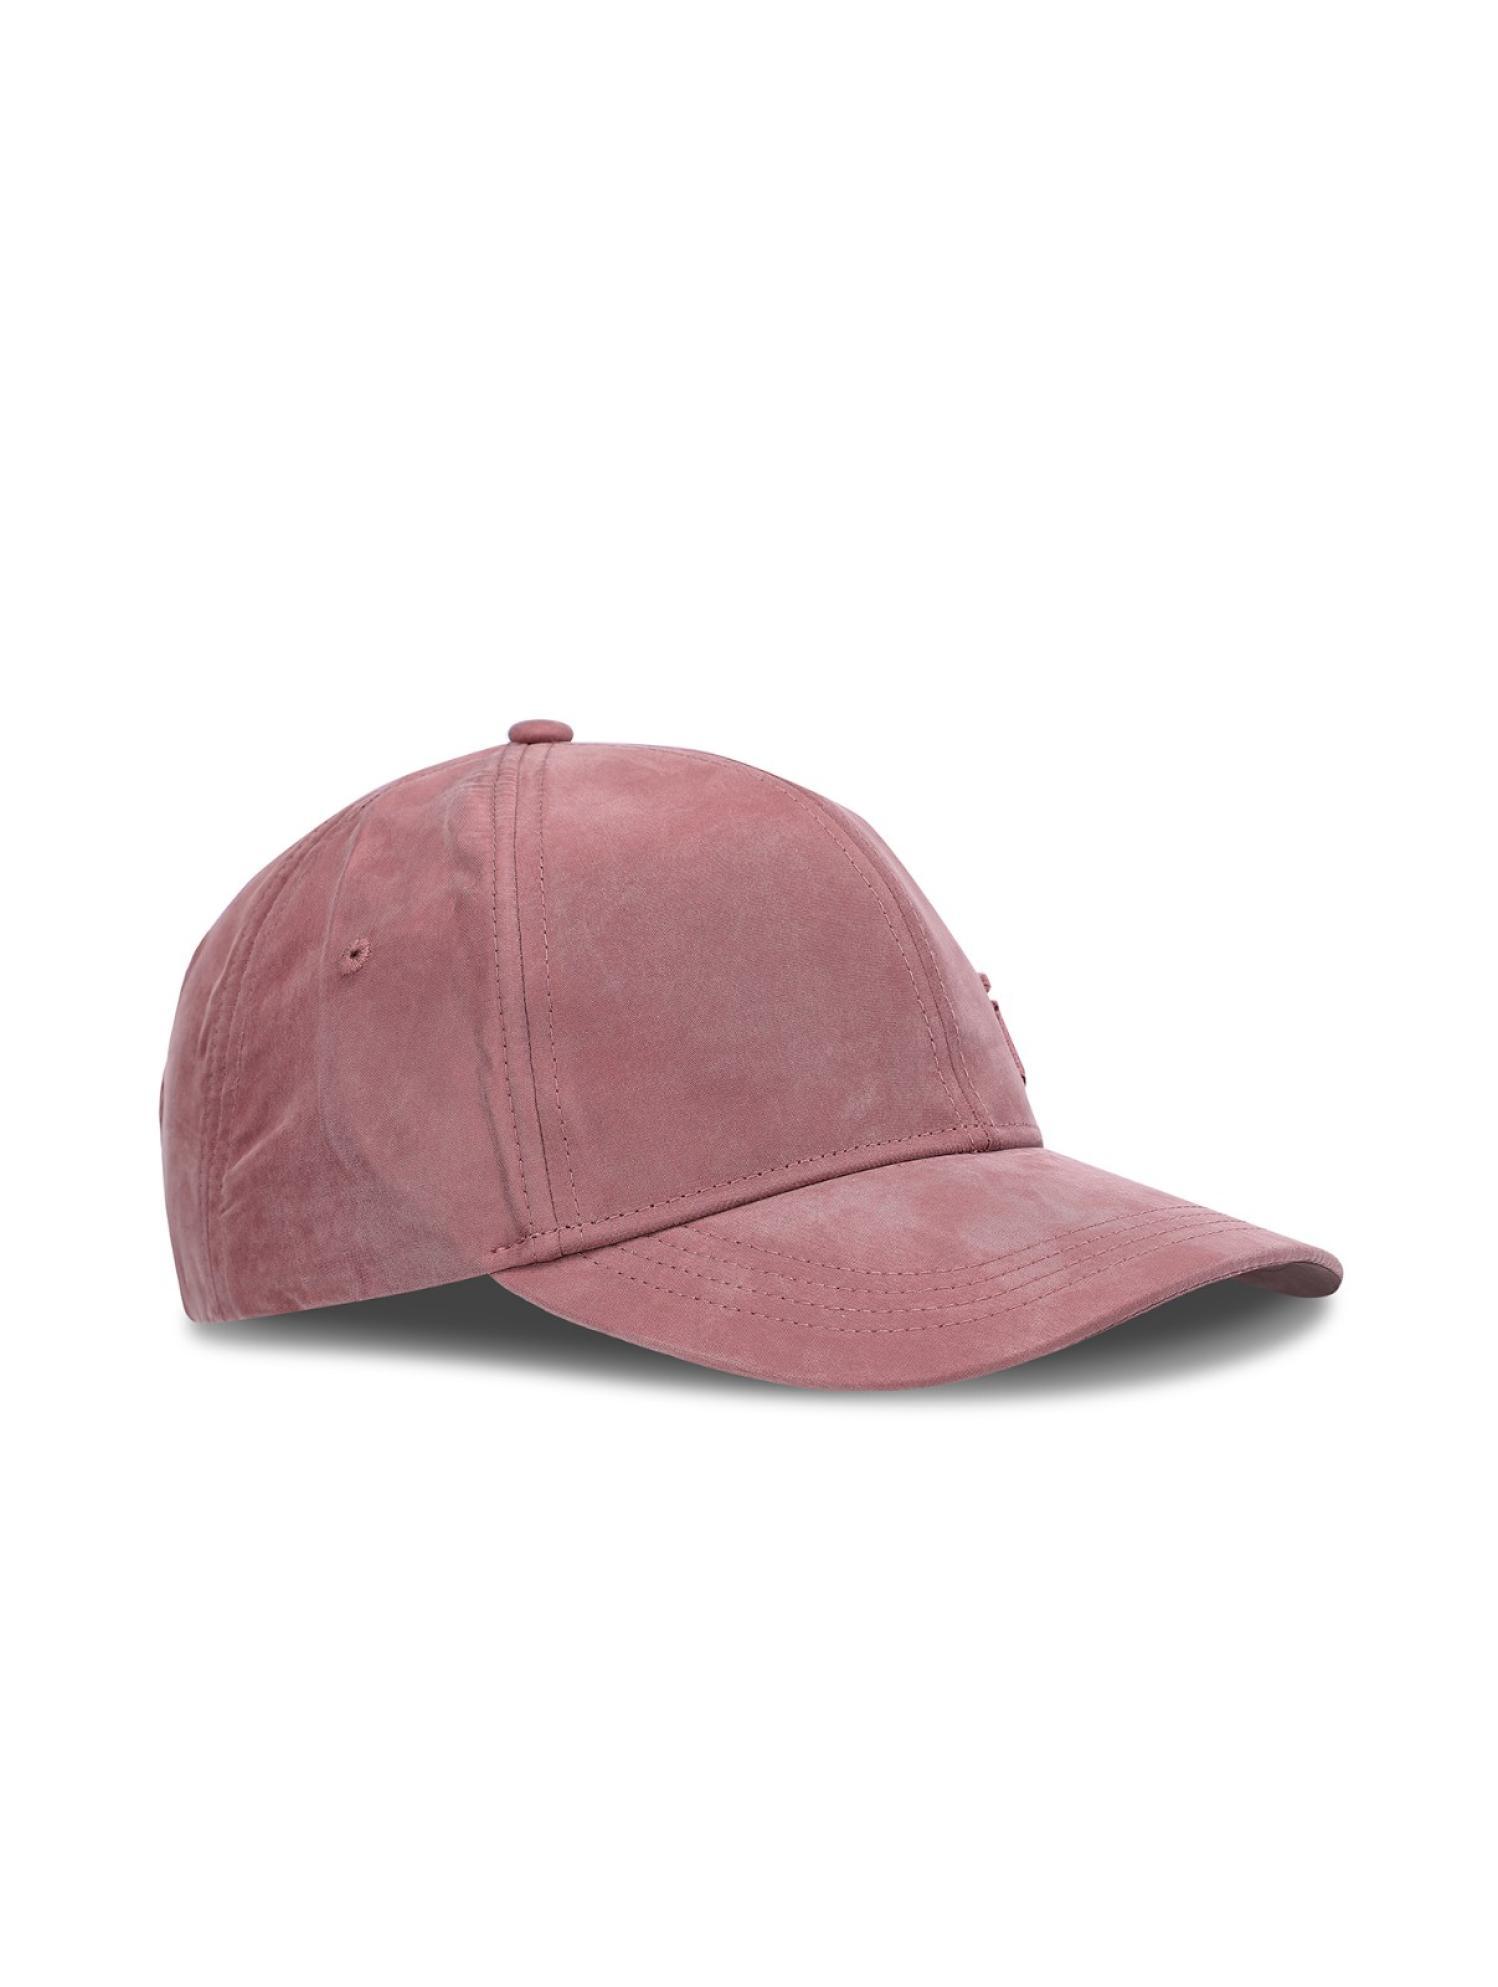 麂皮绒棒球帽